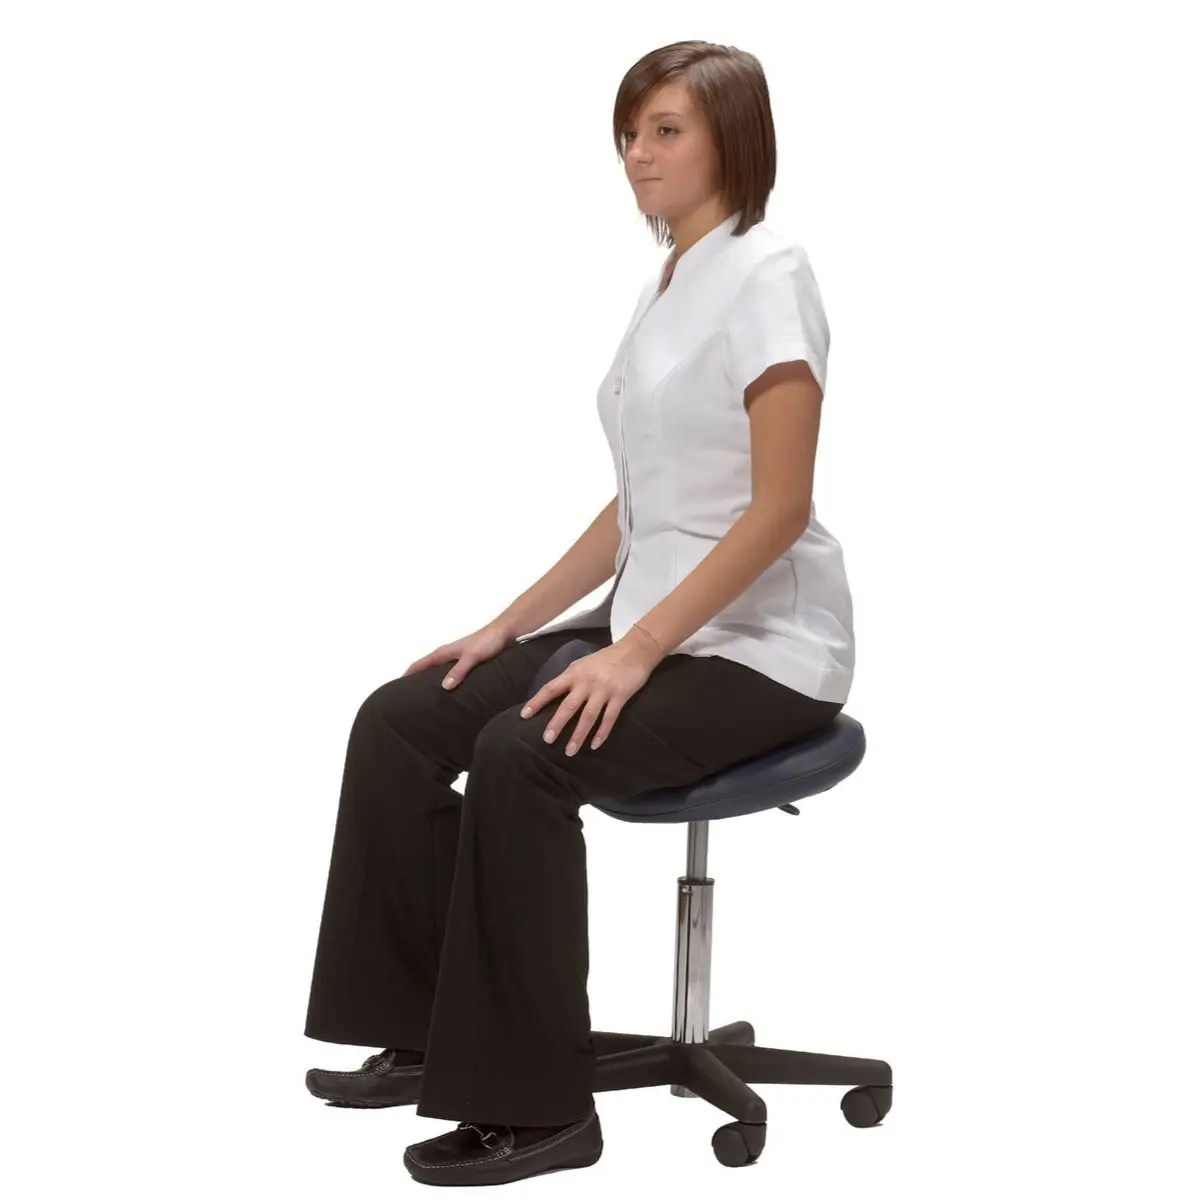 Affinity Ergonomic Saddle Stool  sc 1 st  Body Massage Shop & Affinity Ergonomic Saddle Stool - Body Massage Shop islam-shia.org